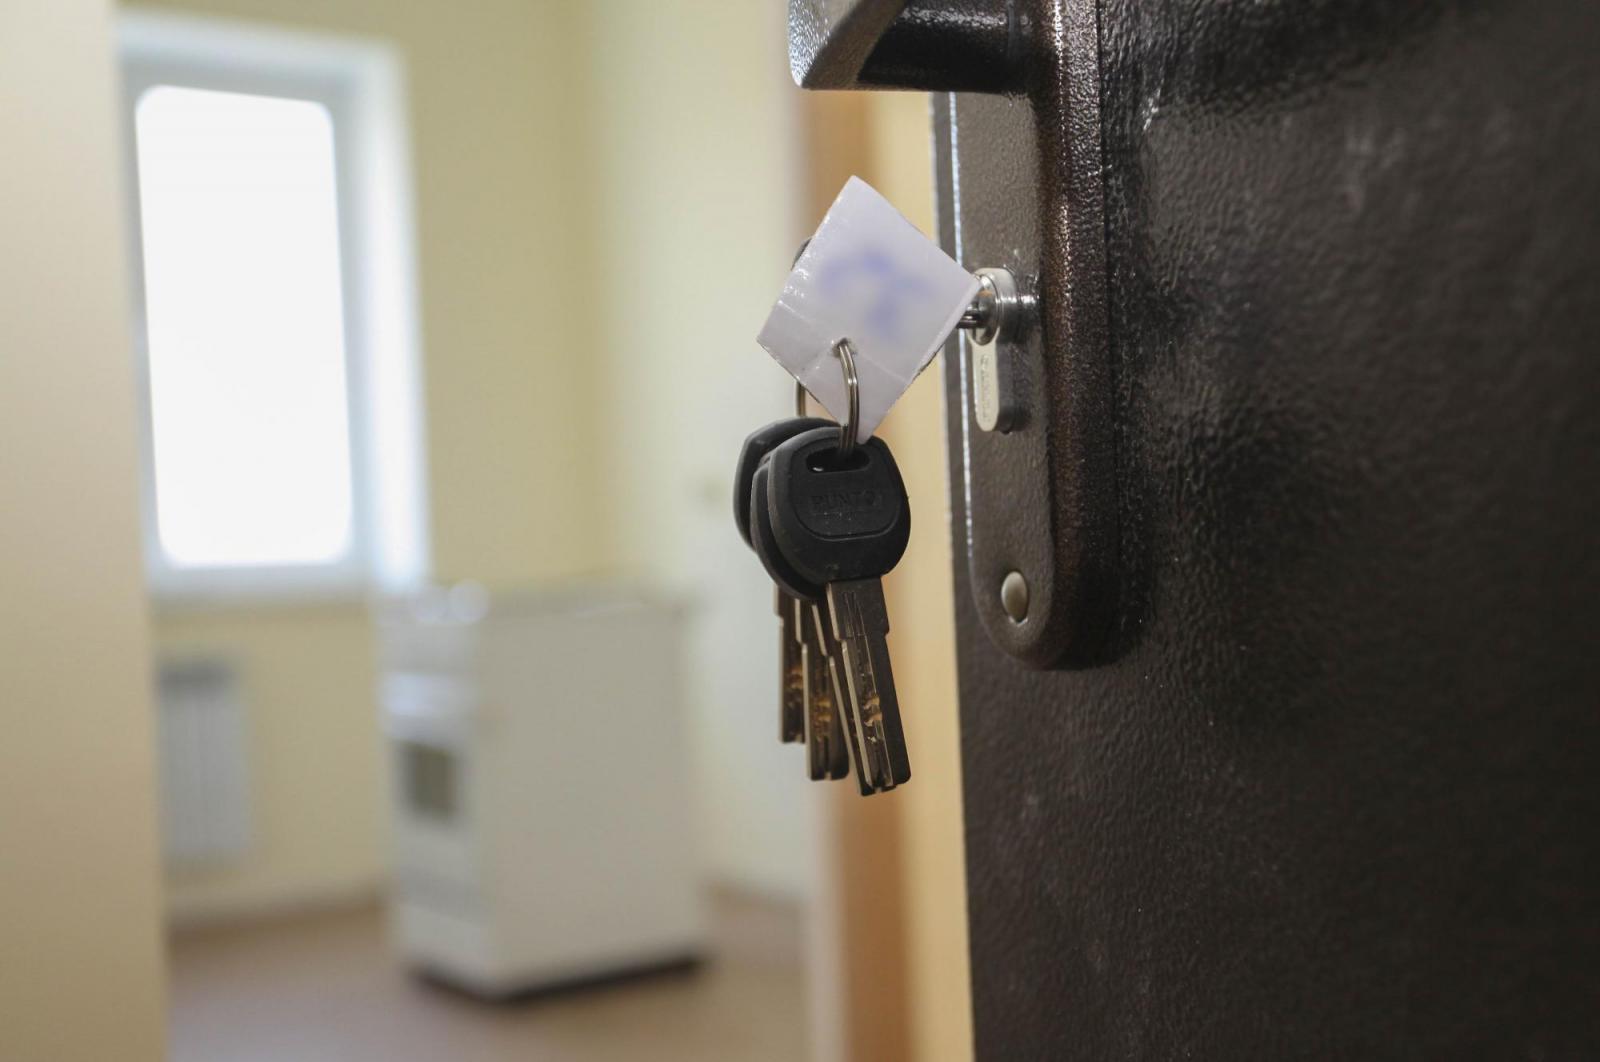 Брянский сирота дождался квартиру только к 30 годам